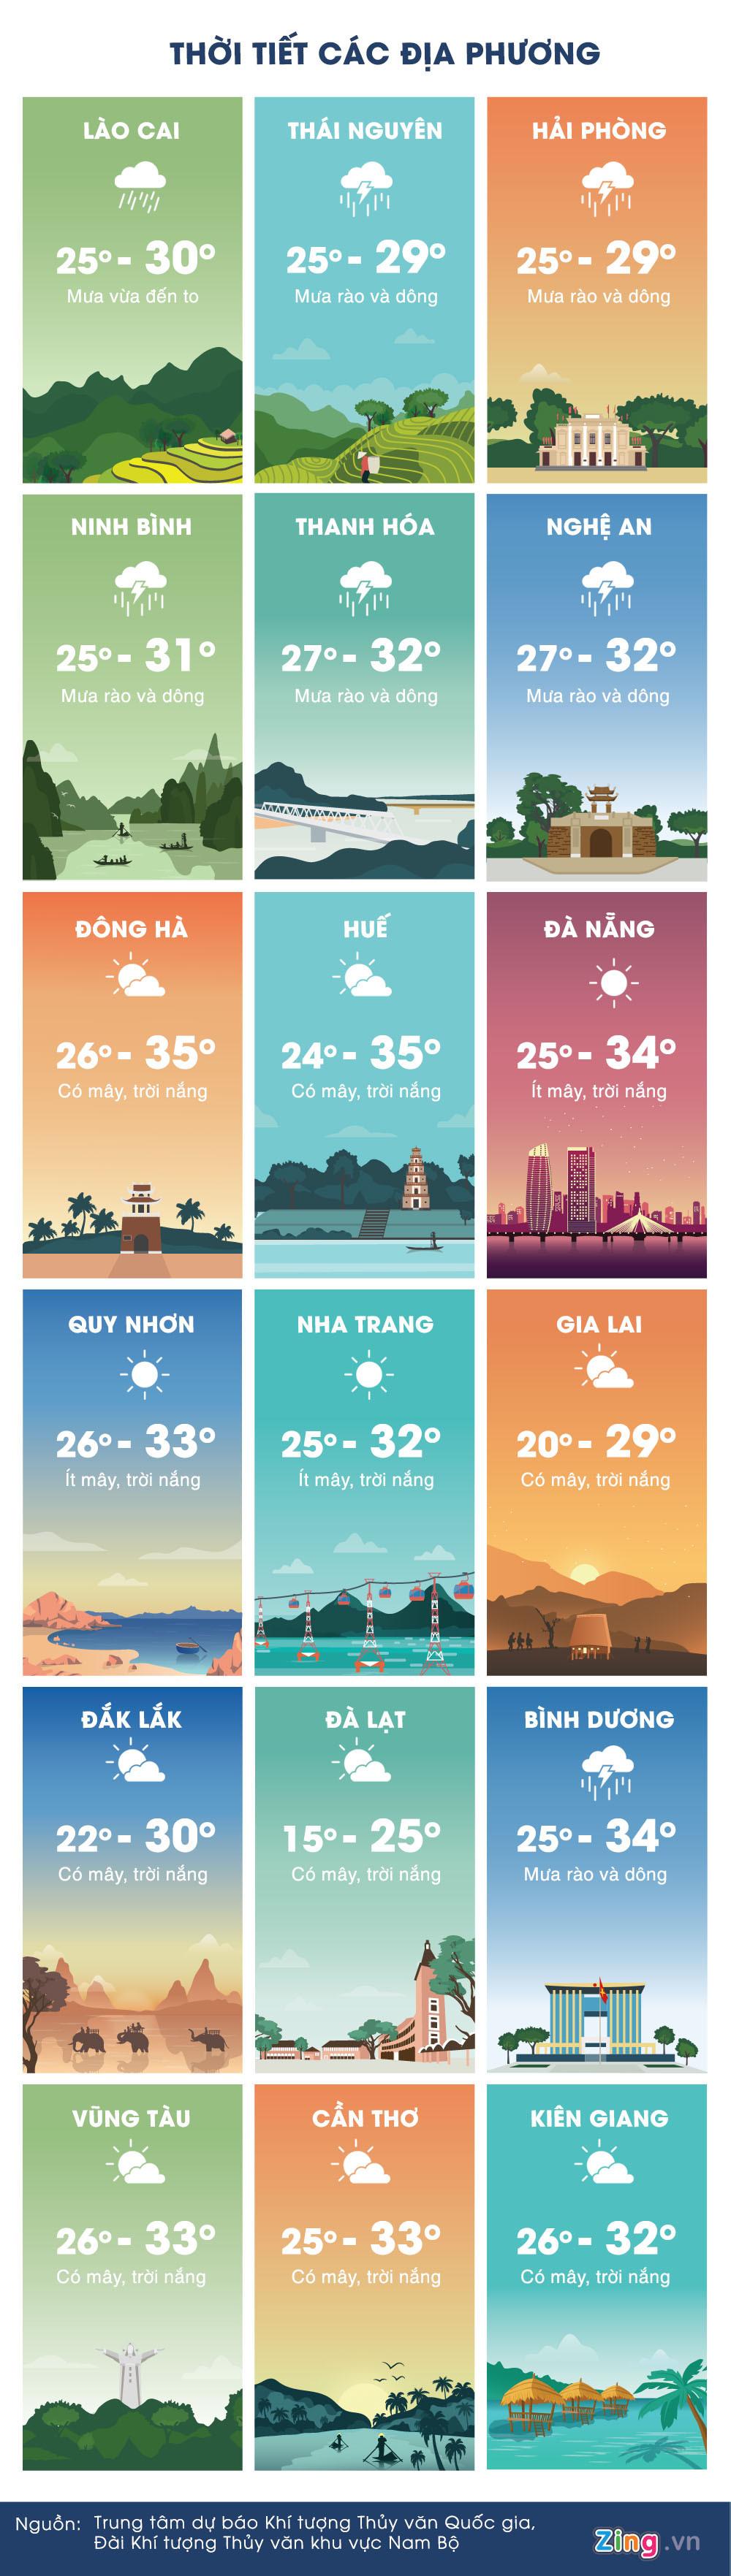 Thời tiết ngày 28/9: Hà Nội mưa dông, Sài Gòn nắng ráo buổi sáng Ảnh 3